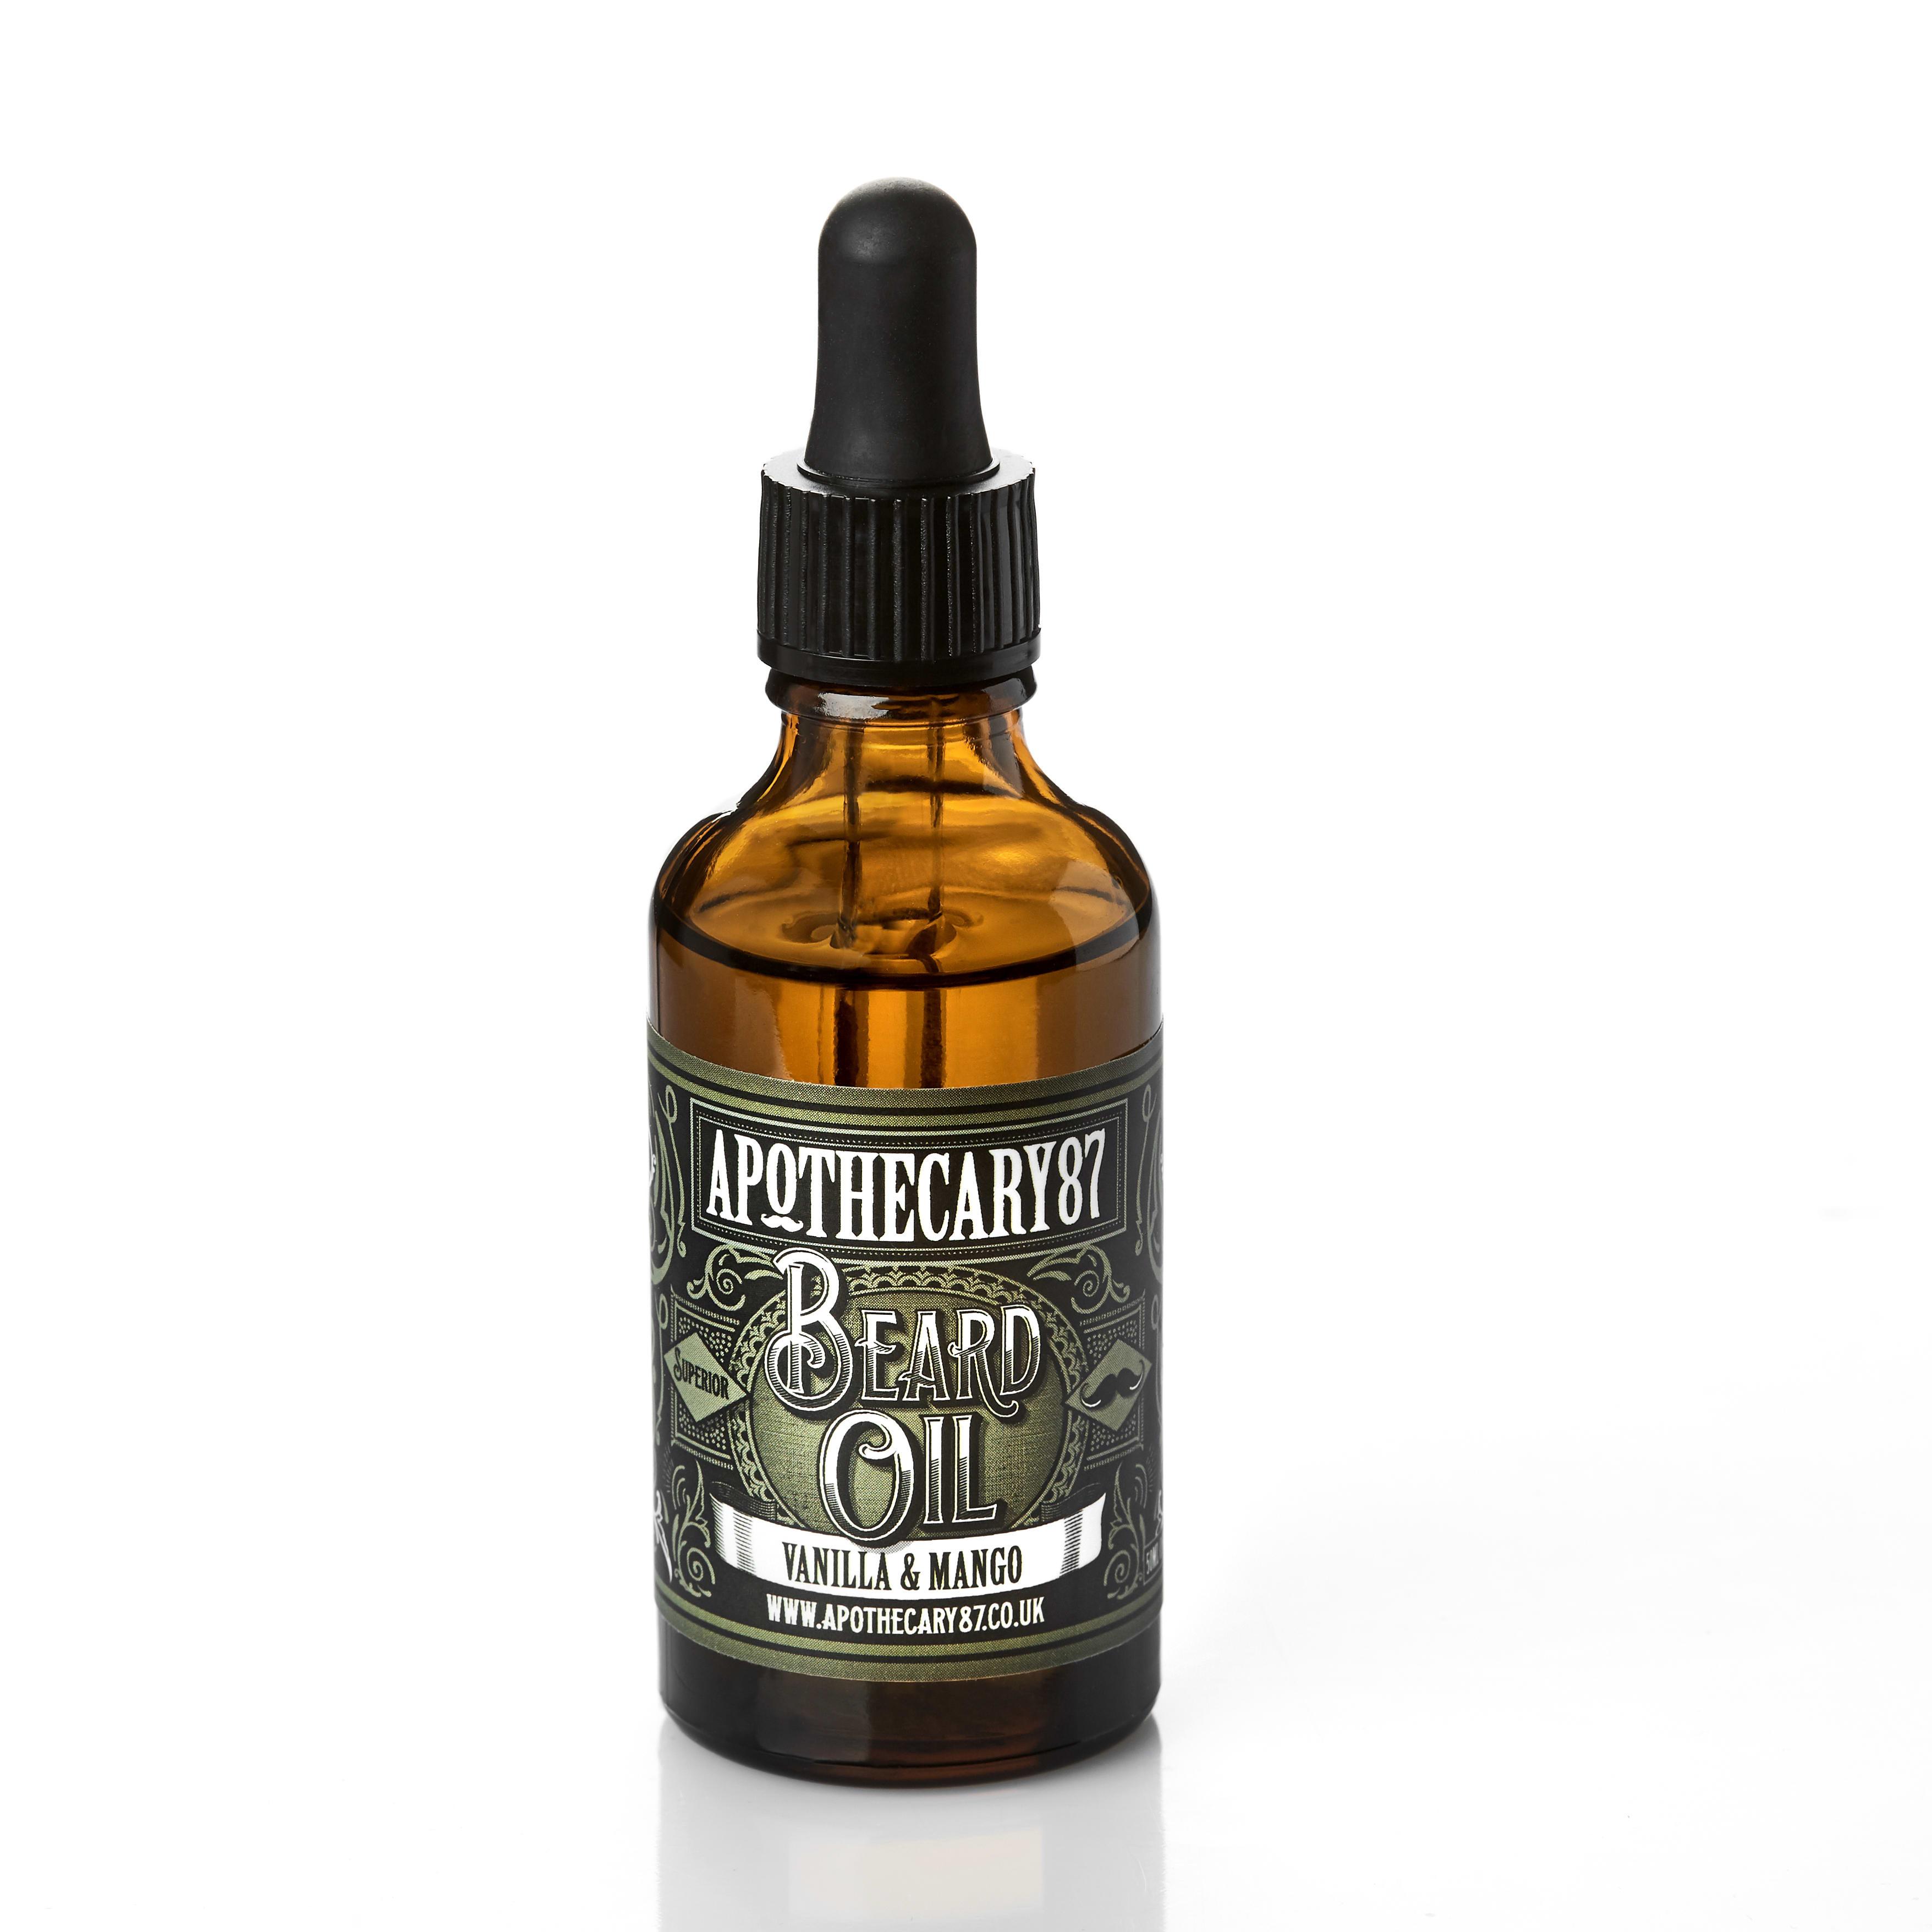 Apothecary 87 Beard Oil - A Vanilla & Mango Fragrance 50ml